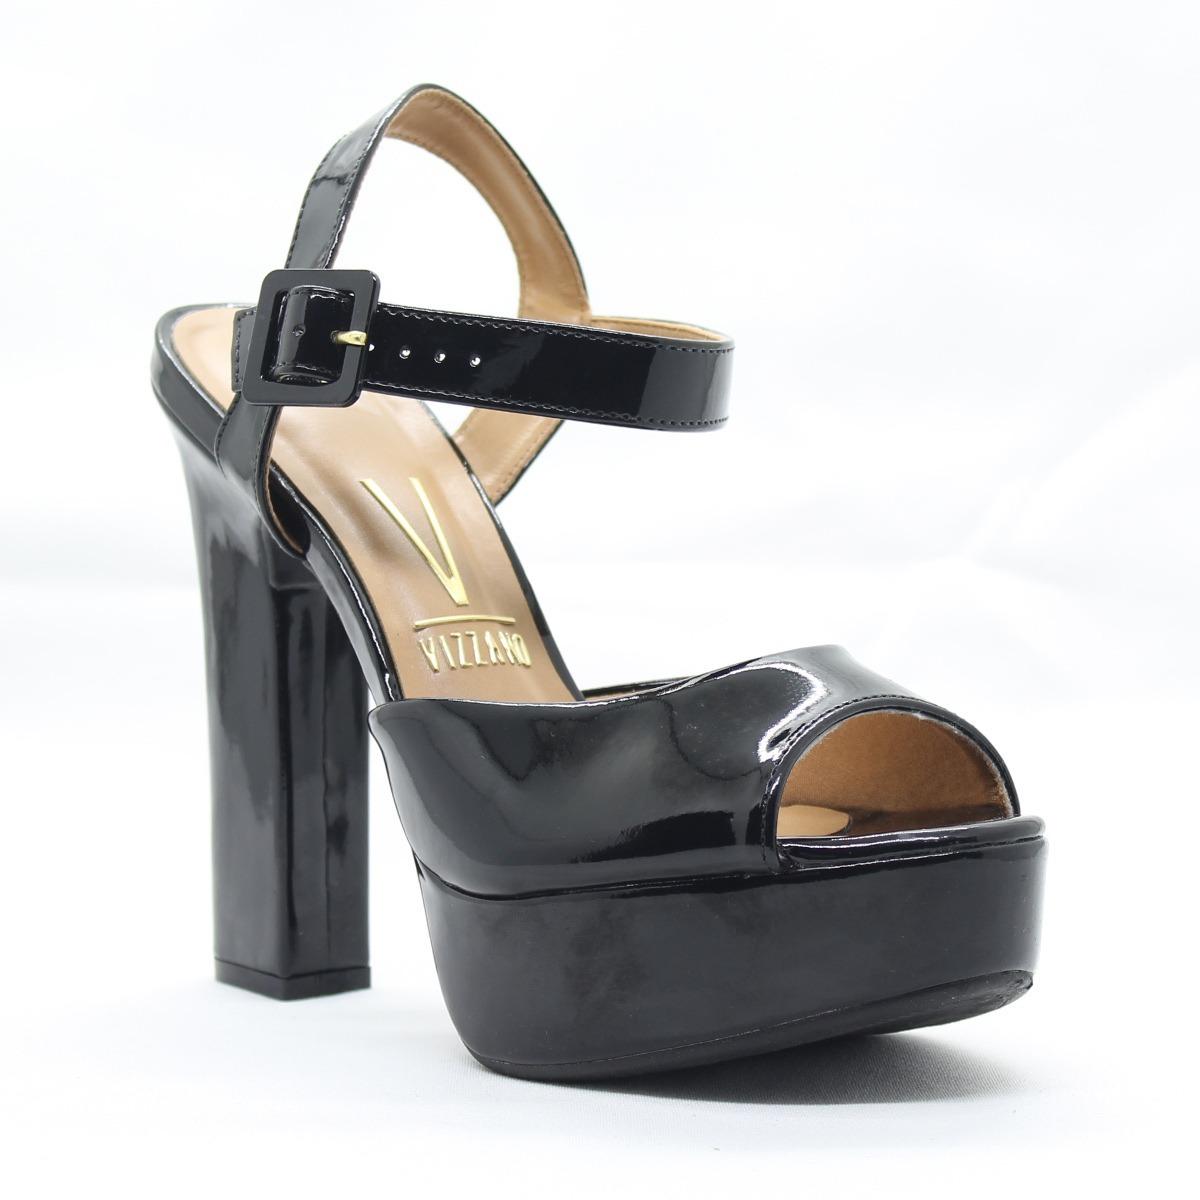 5dbfa200a sandália de salto quadrado meia pata preto verniz - vizzano. Carregando  zoom.